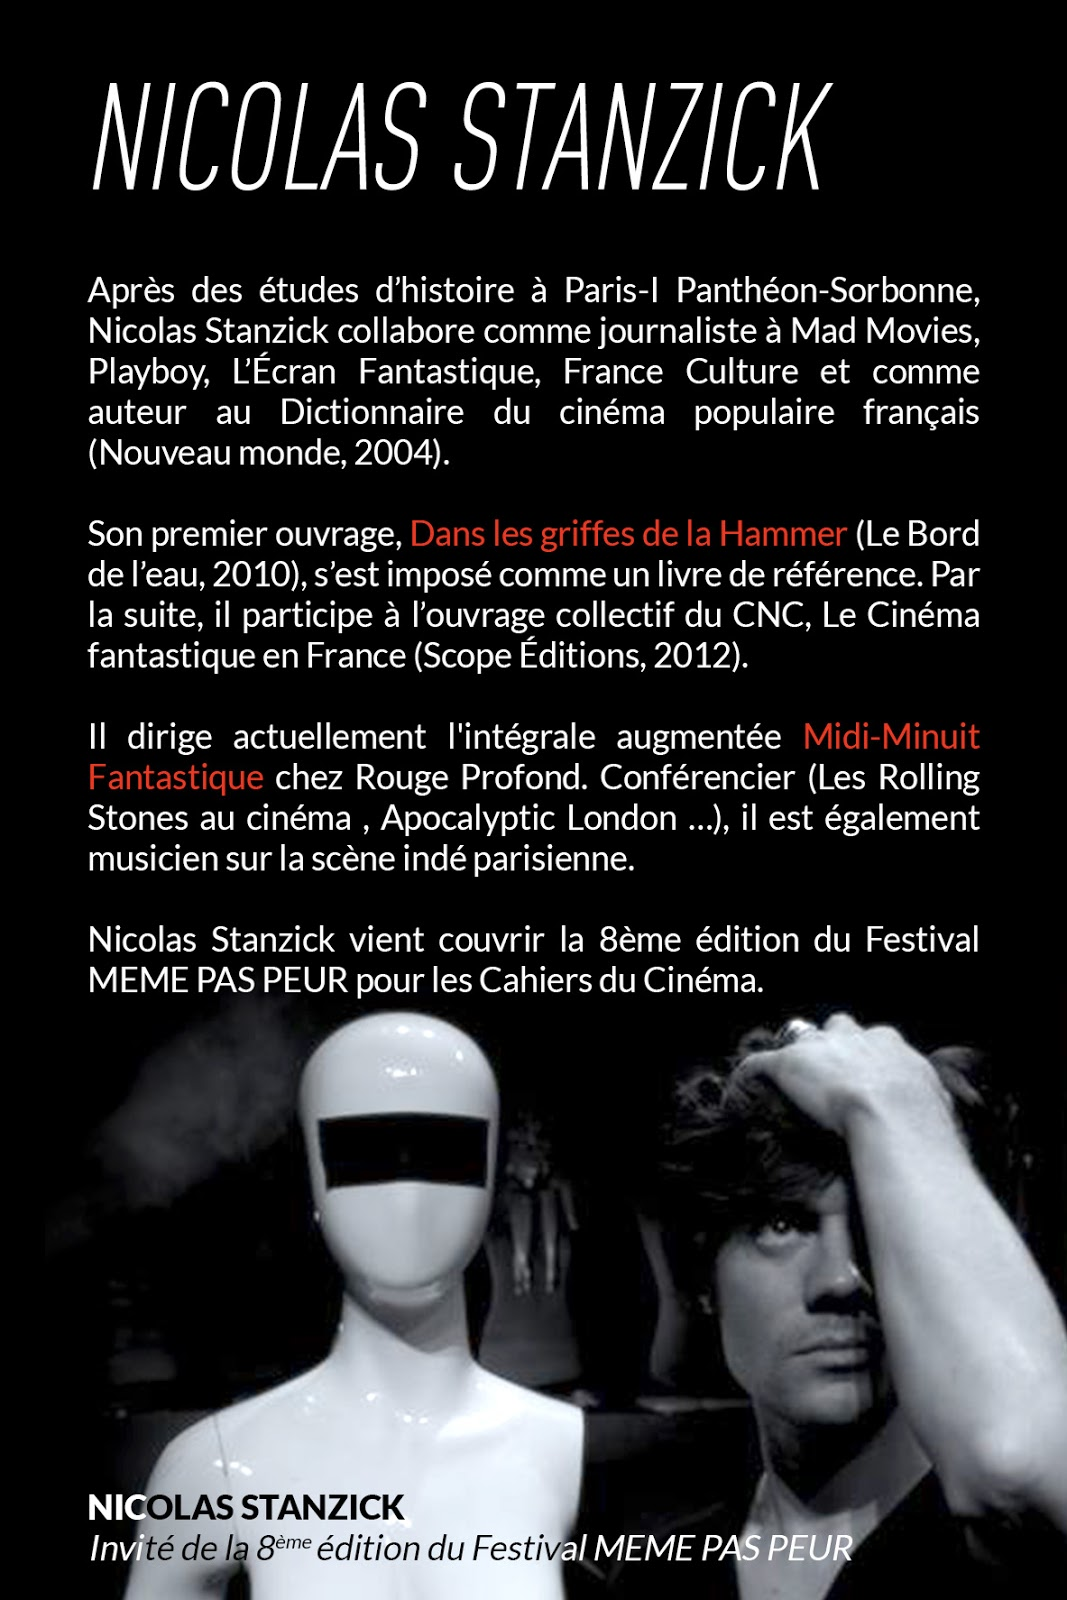 Nicolas Stanzick, invité de la 8ème édition du Festival MEME PAS PEUR